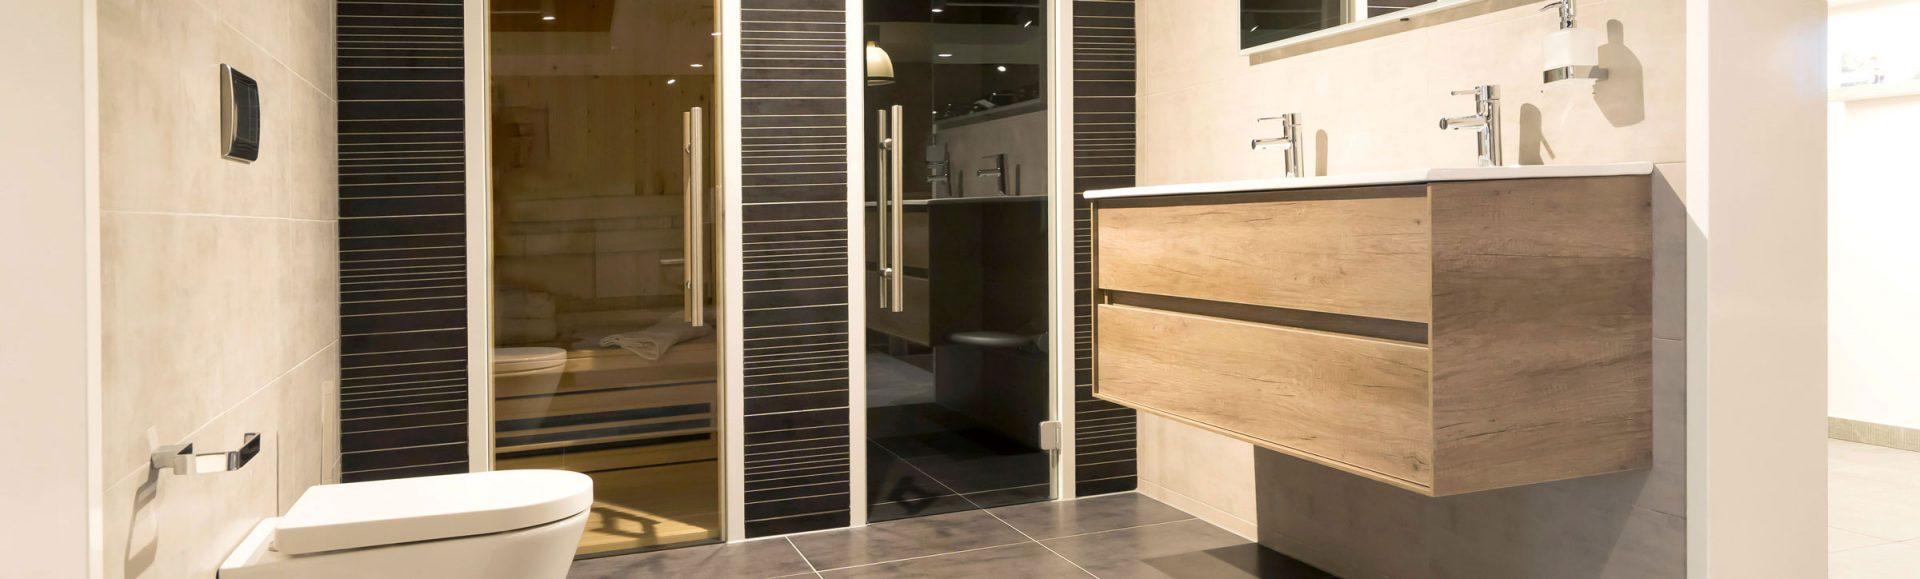 schuit-totaal-wonen-showroom-badkamers-17.1